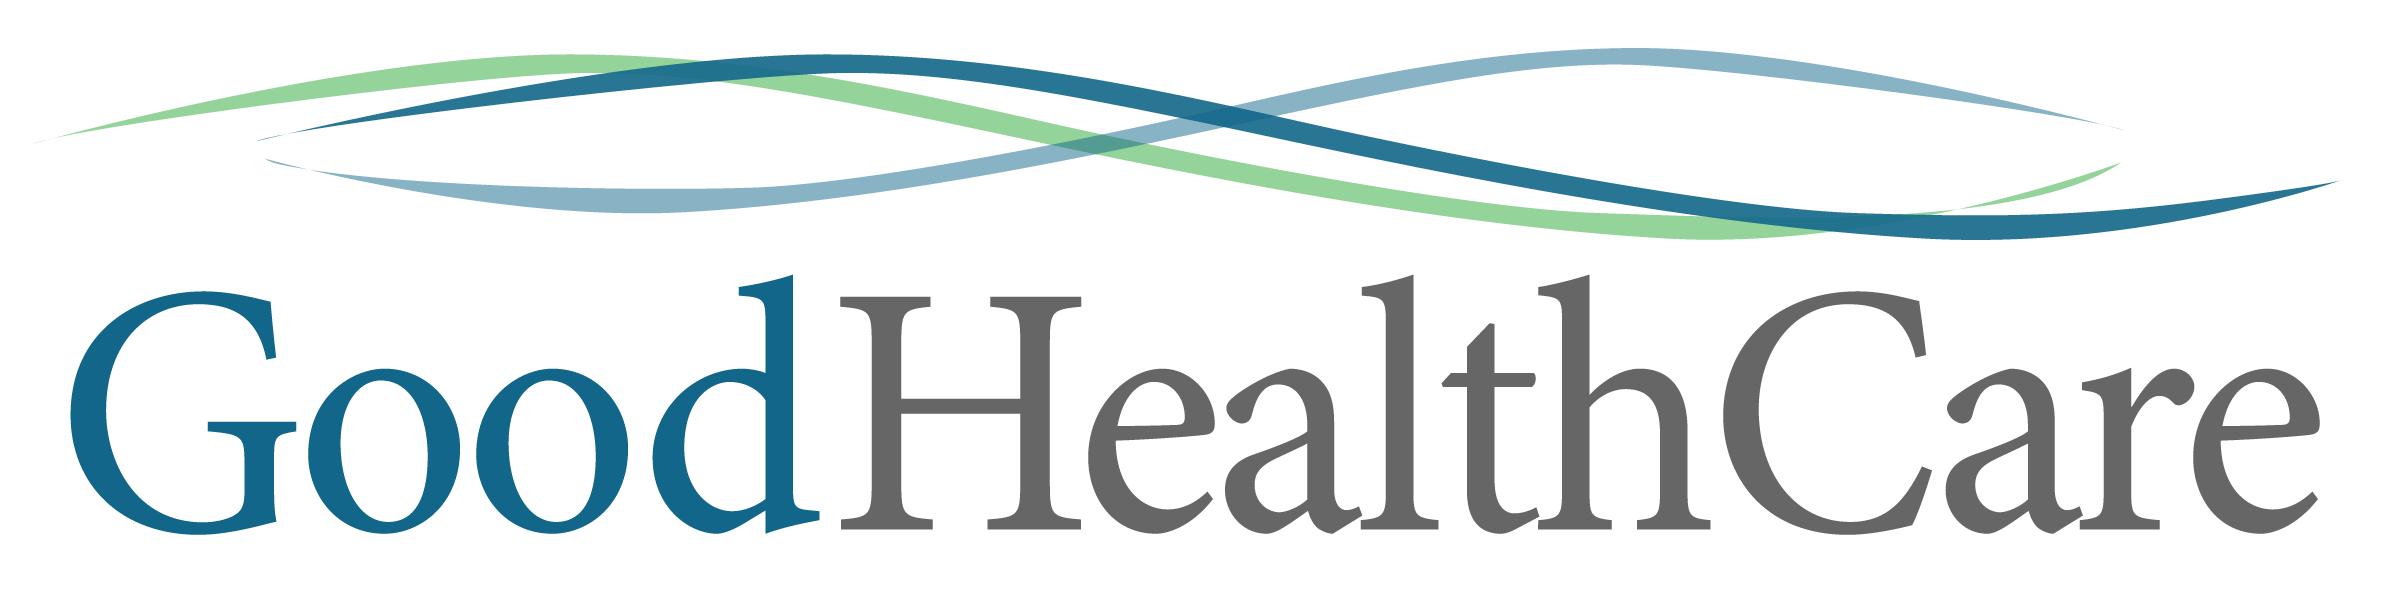 Good HealthCare logo